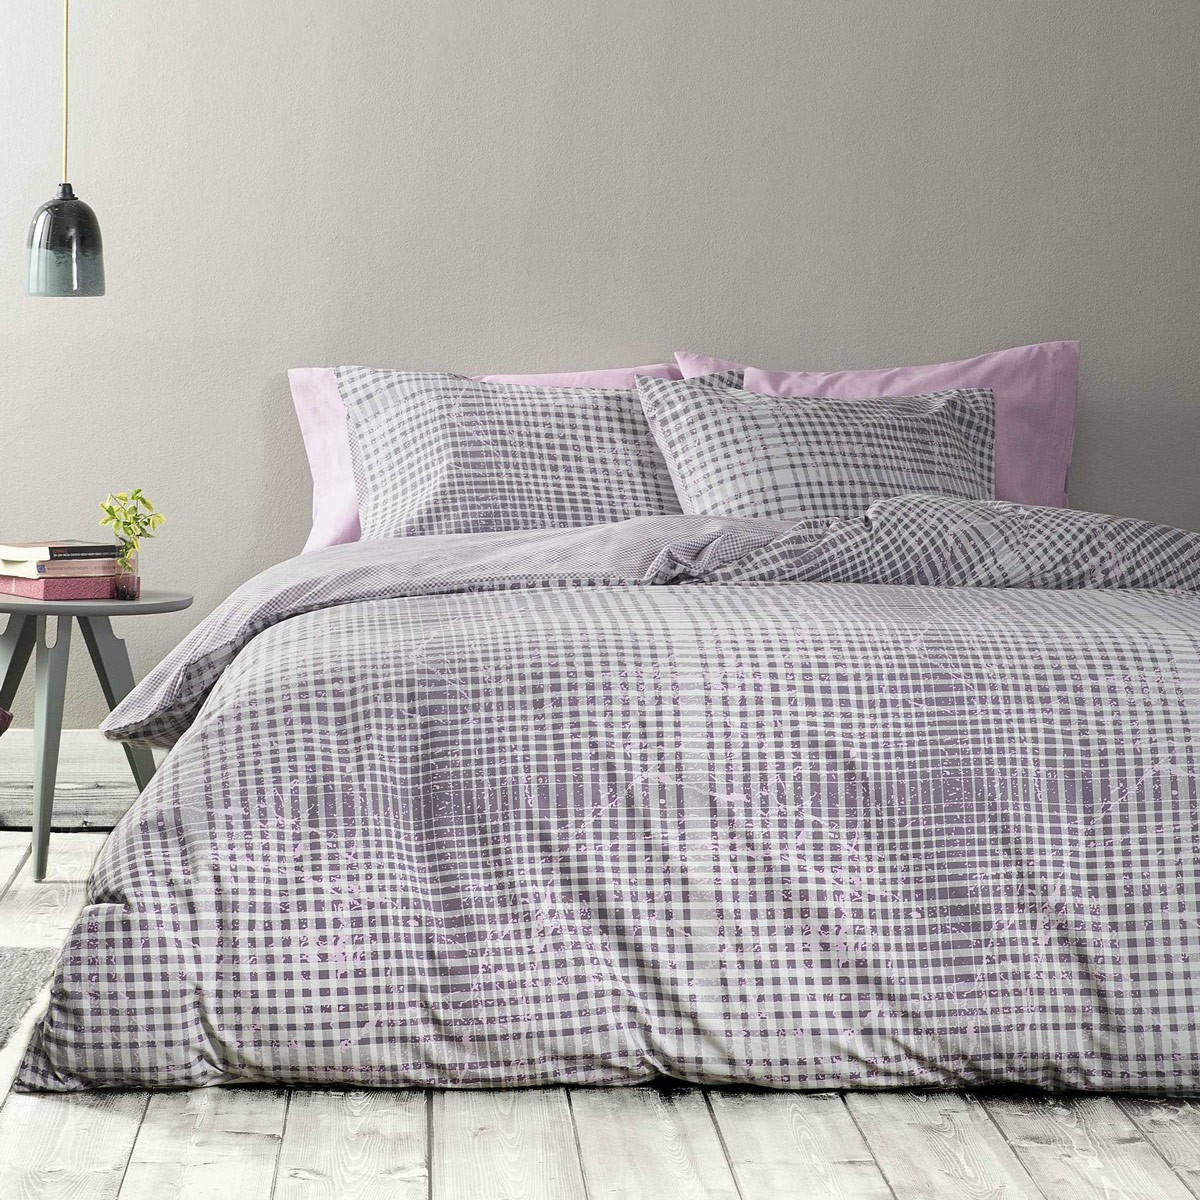 Παπλωματοθήκη Υπέρδιπλη (Σετ) Nima Bed Linen Ricardi Purple